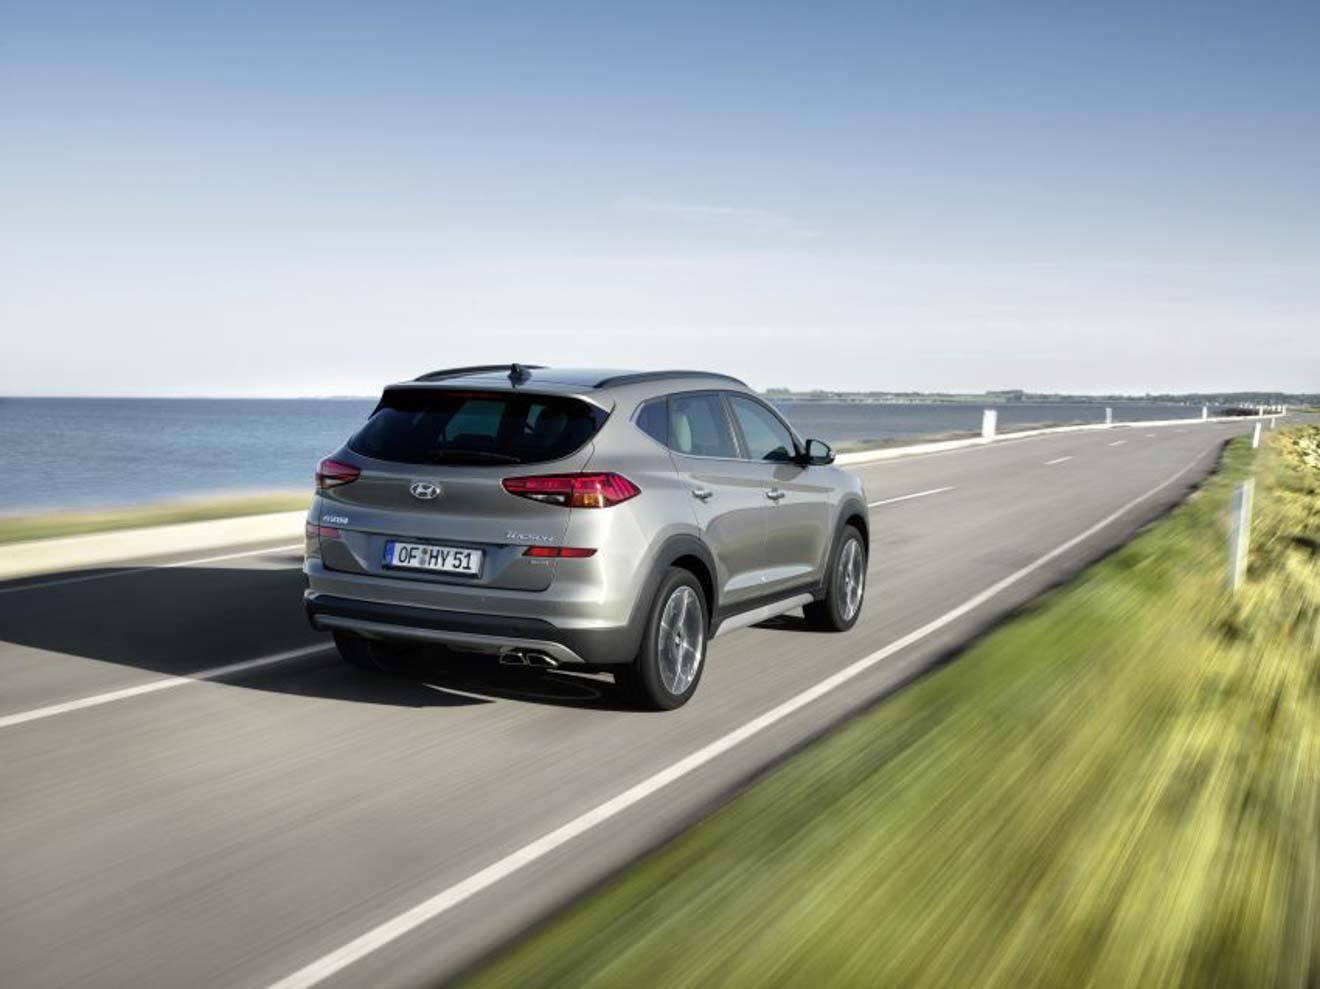 Hyundai Tucson Facelift 2019 ra mắt tại Malaysia, giá tương đương 695 triệu đồng - 4